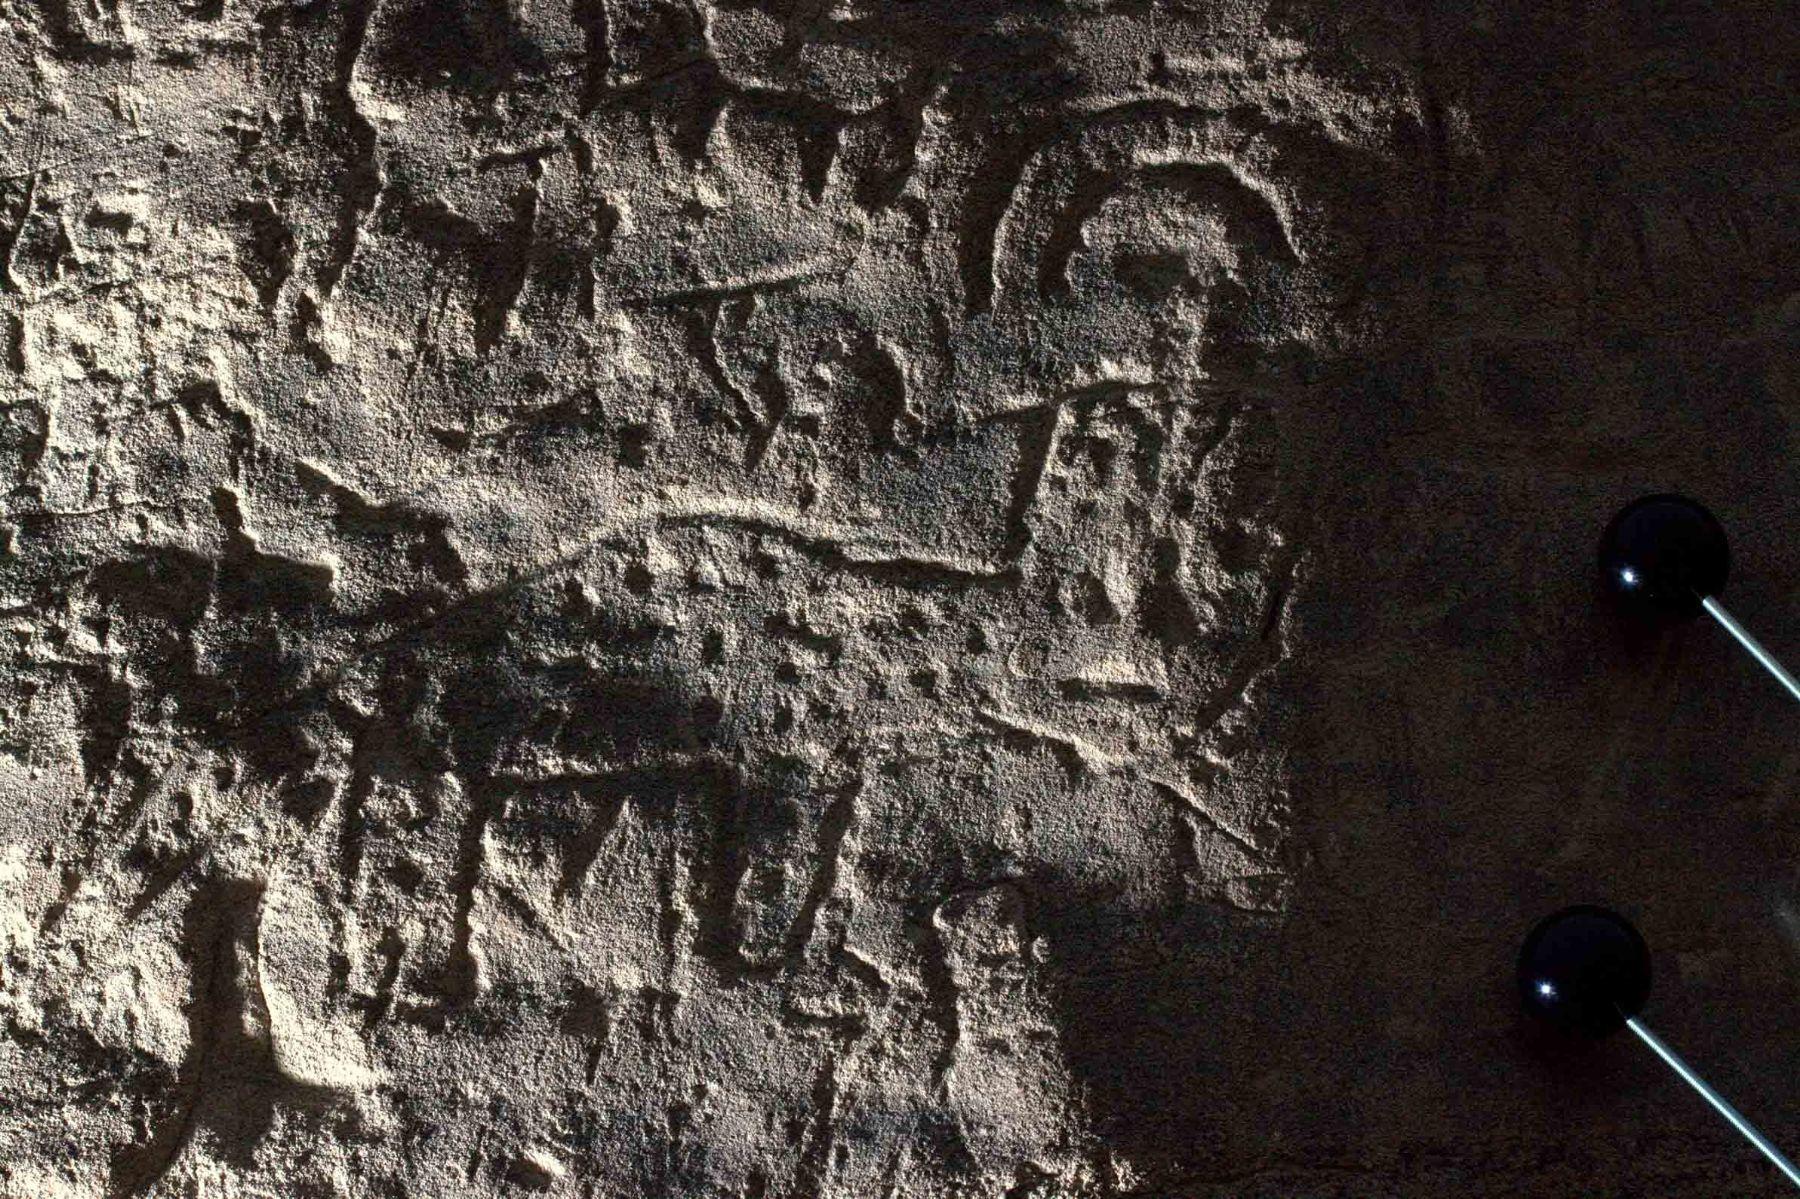 Petroglifo de un felino estudiado en Nasca. Foto: ANDINA/Cortesía.